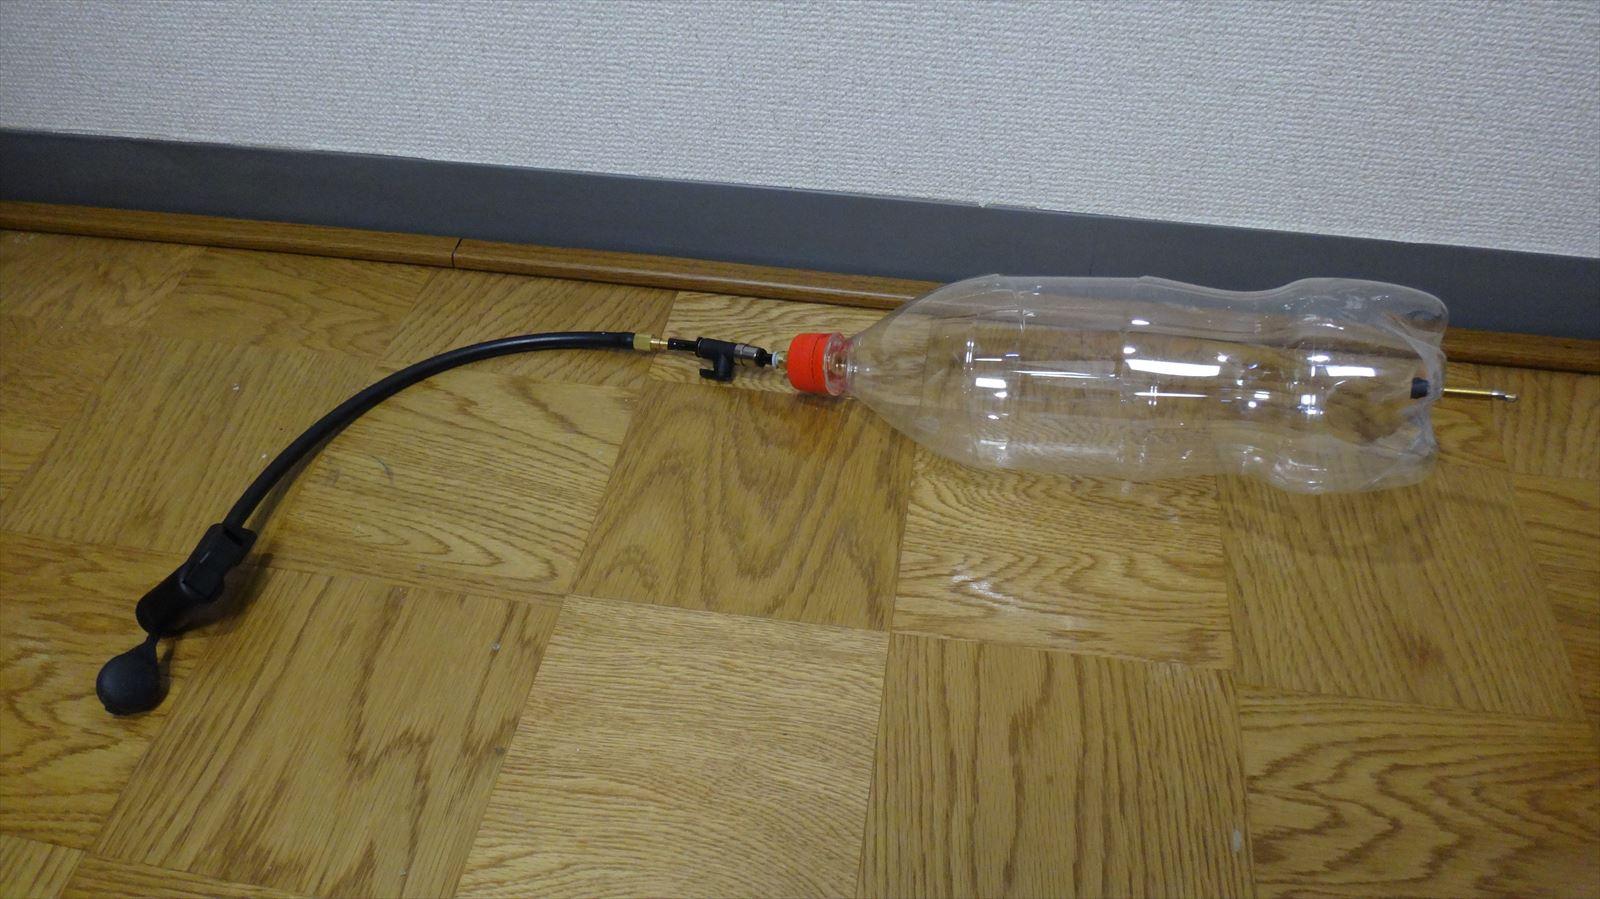 syg雑記365自作ペットボトルチャンバー for 自転車用チューブレスタイヤビード上げ